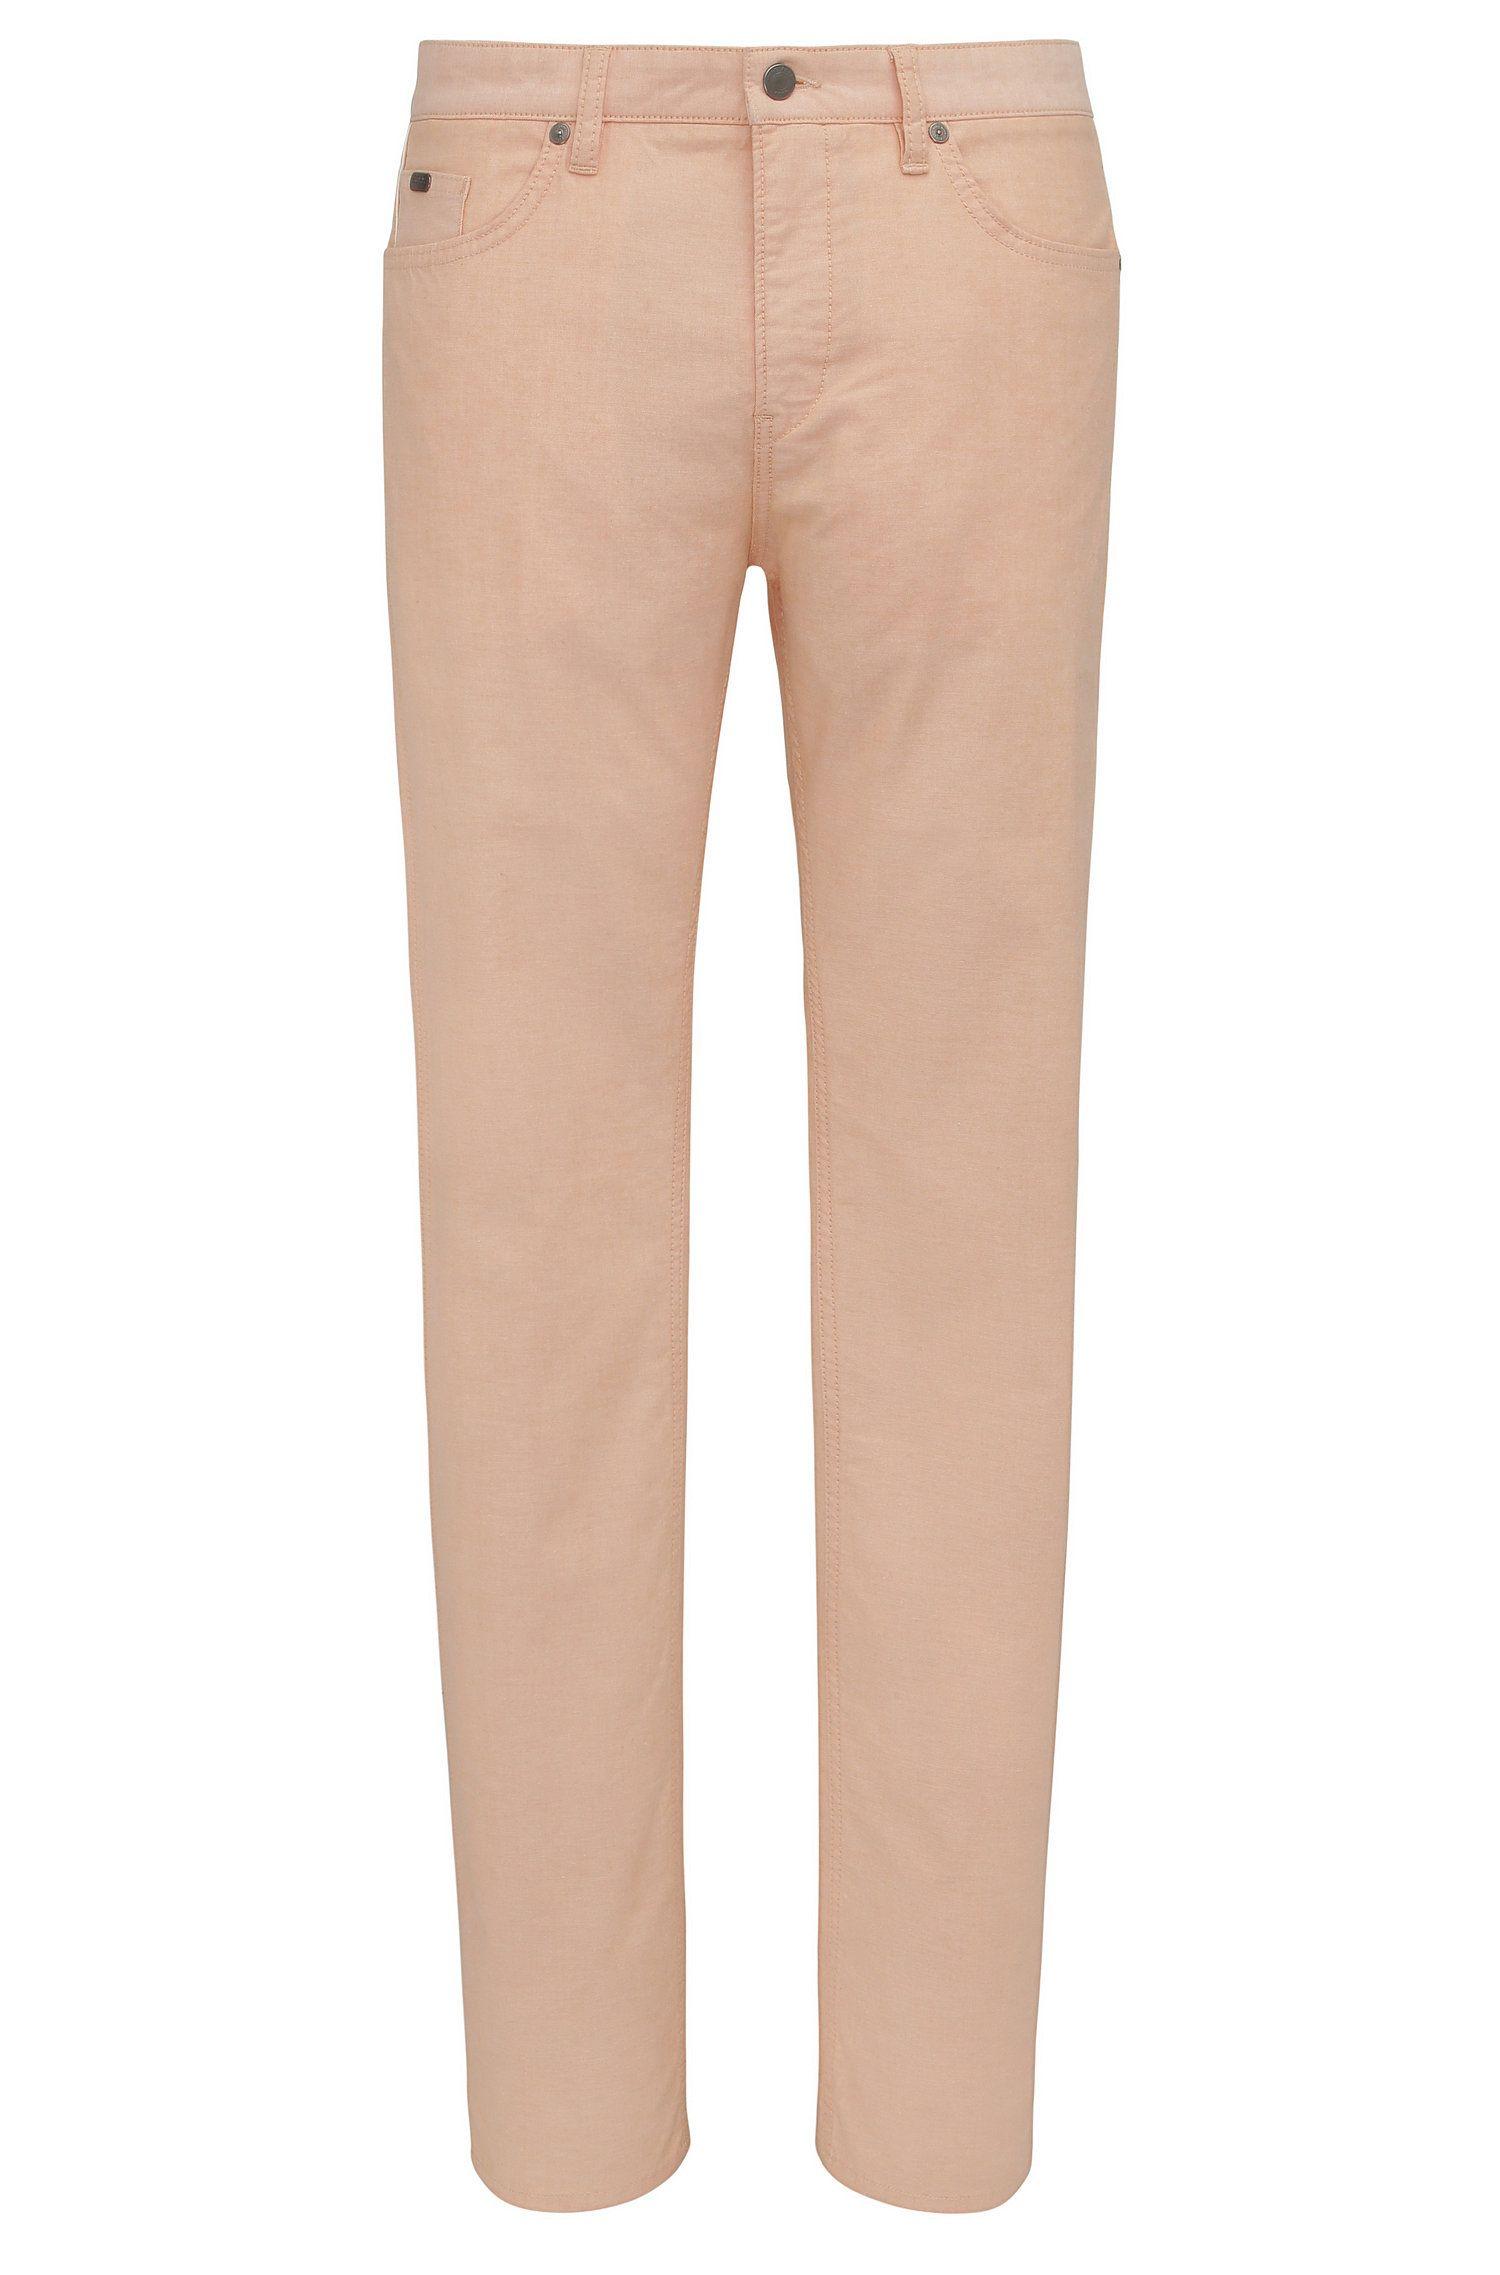 'C Delaware' | Slim Fit, 8 oz Stretch Cotton Jeans